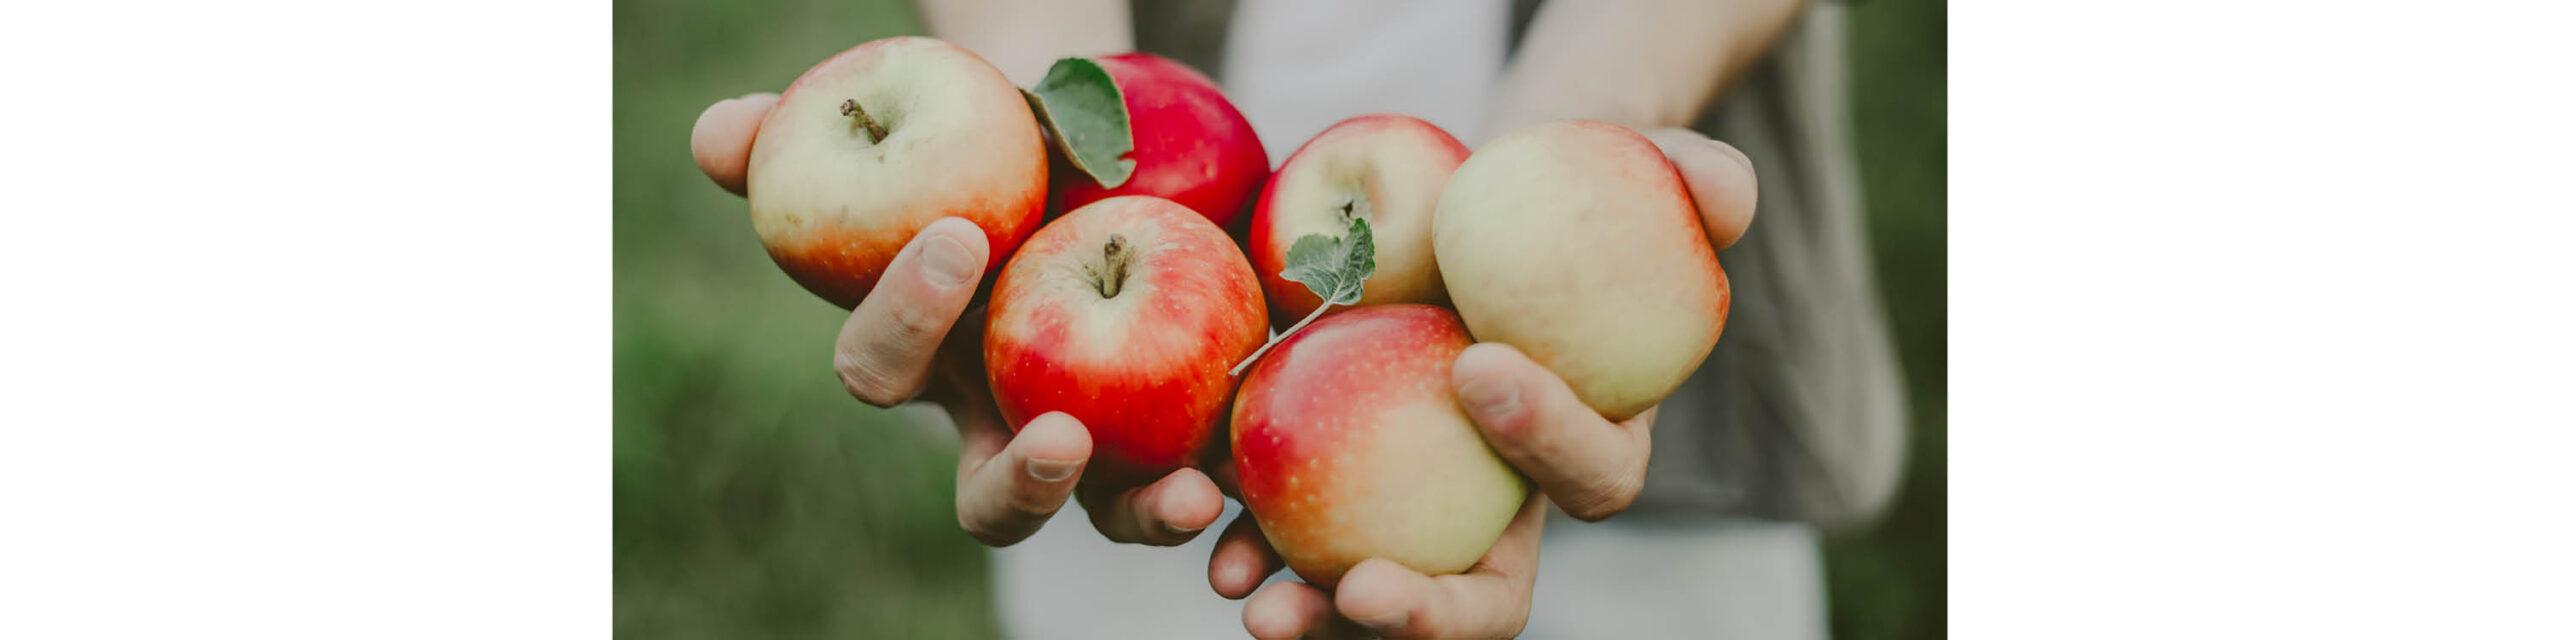 Äppelhelg